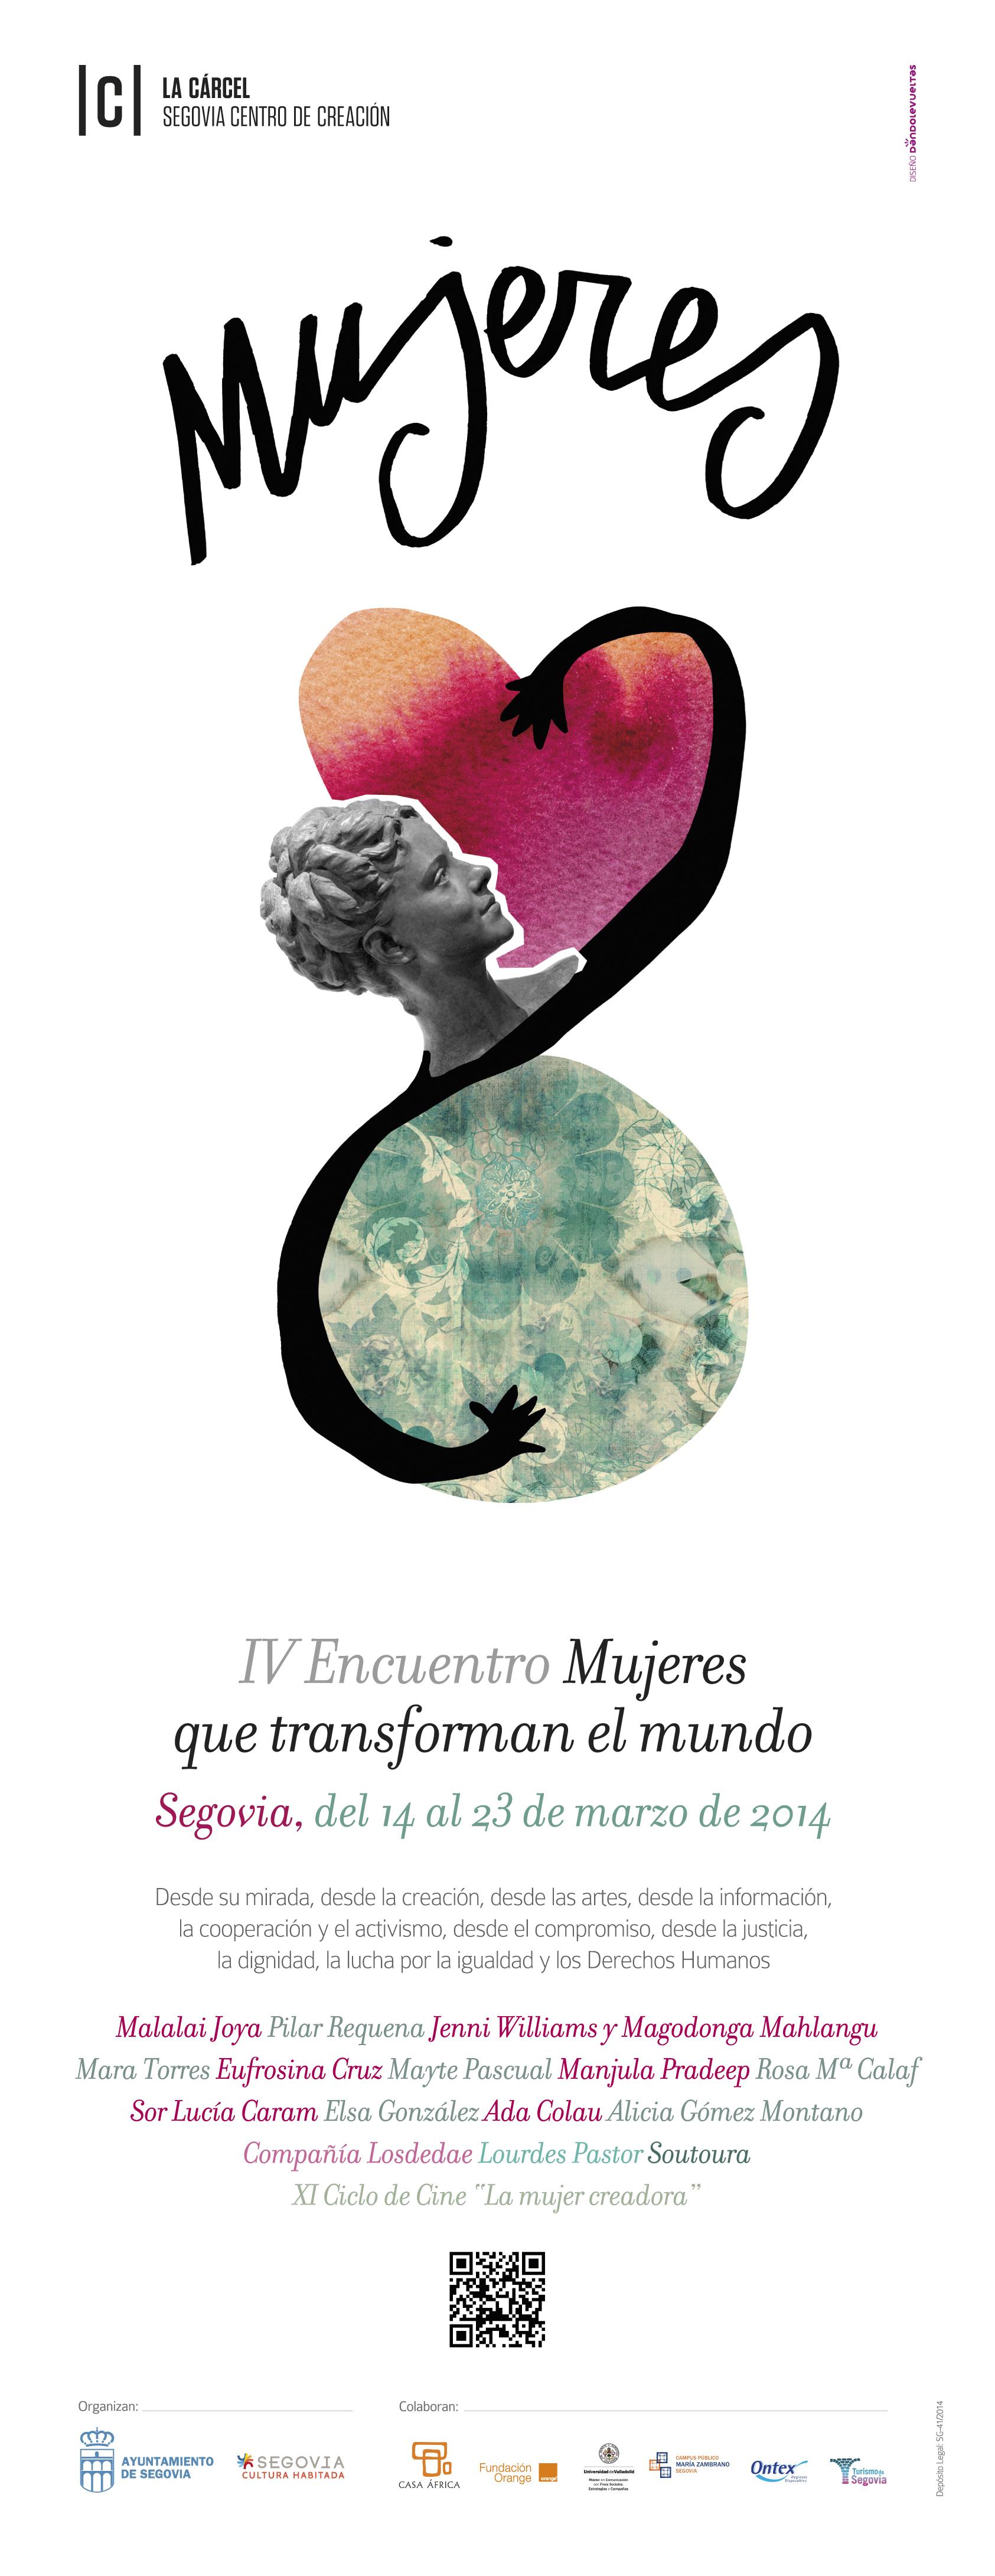 IV Encuentro con Mujeres que transforman el mundo